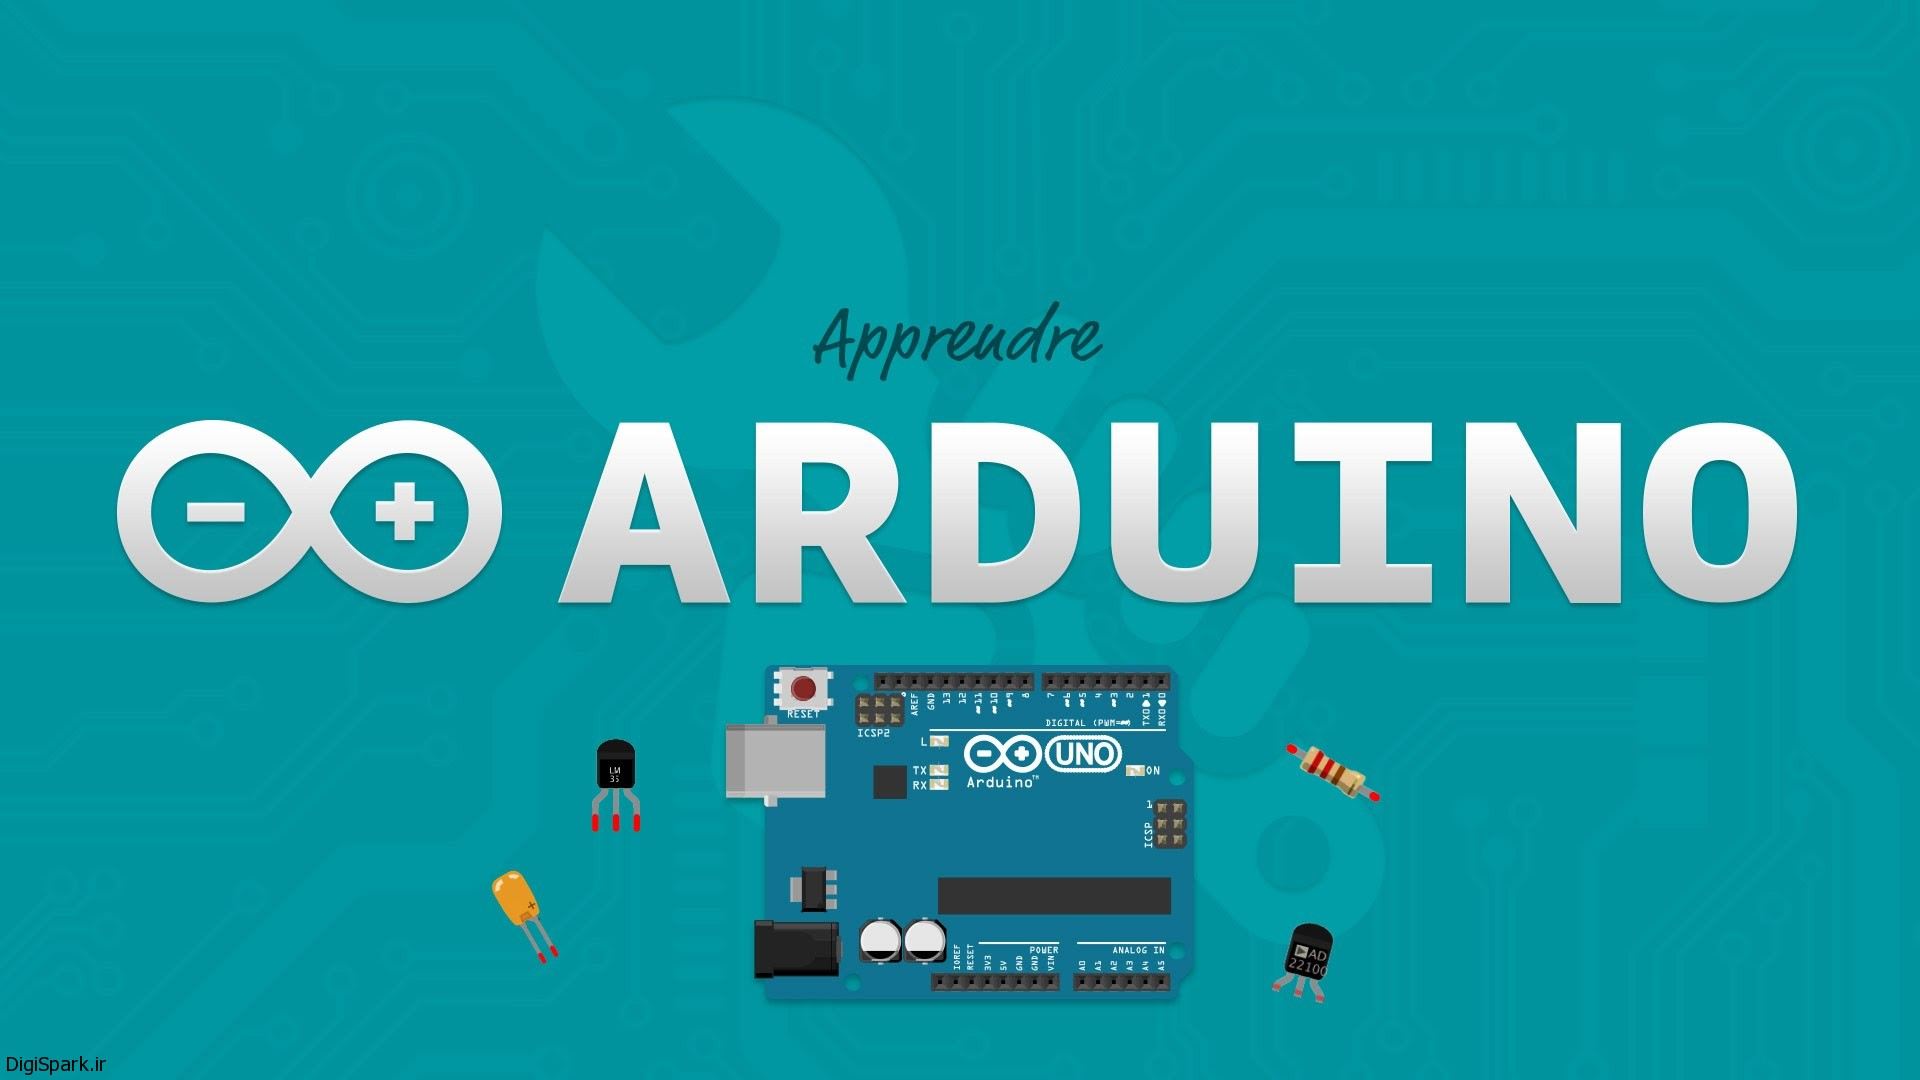 آموزش Debouncing یا نویزگیری در Arduino